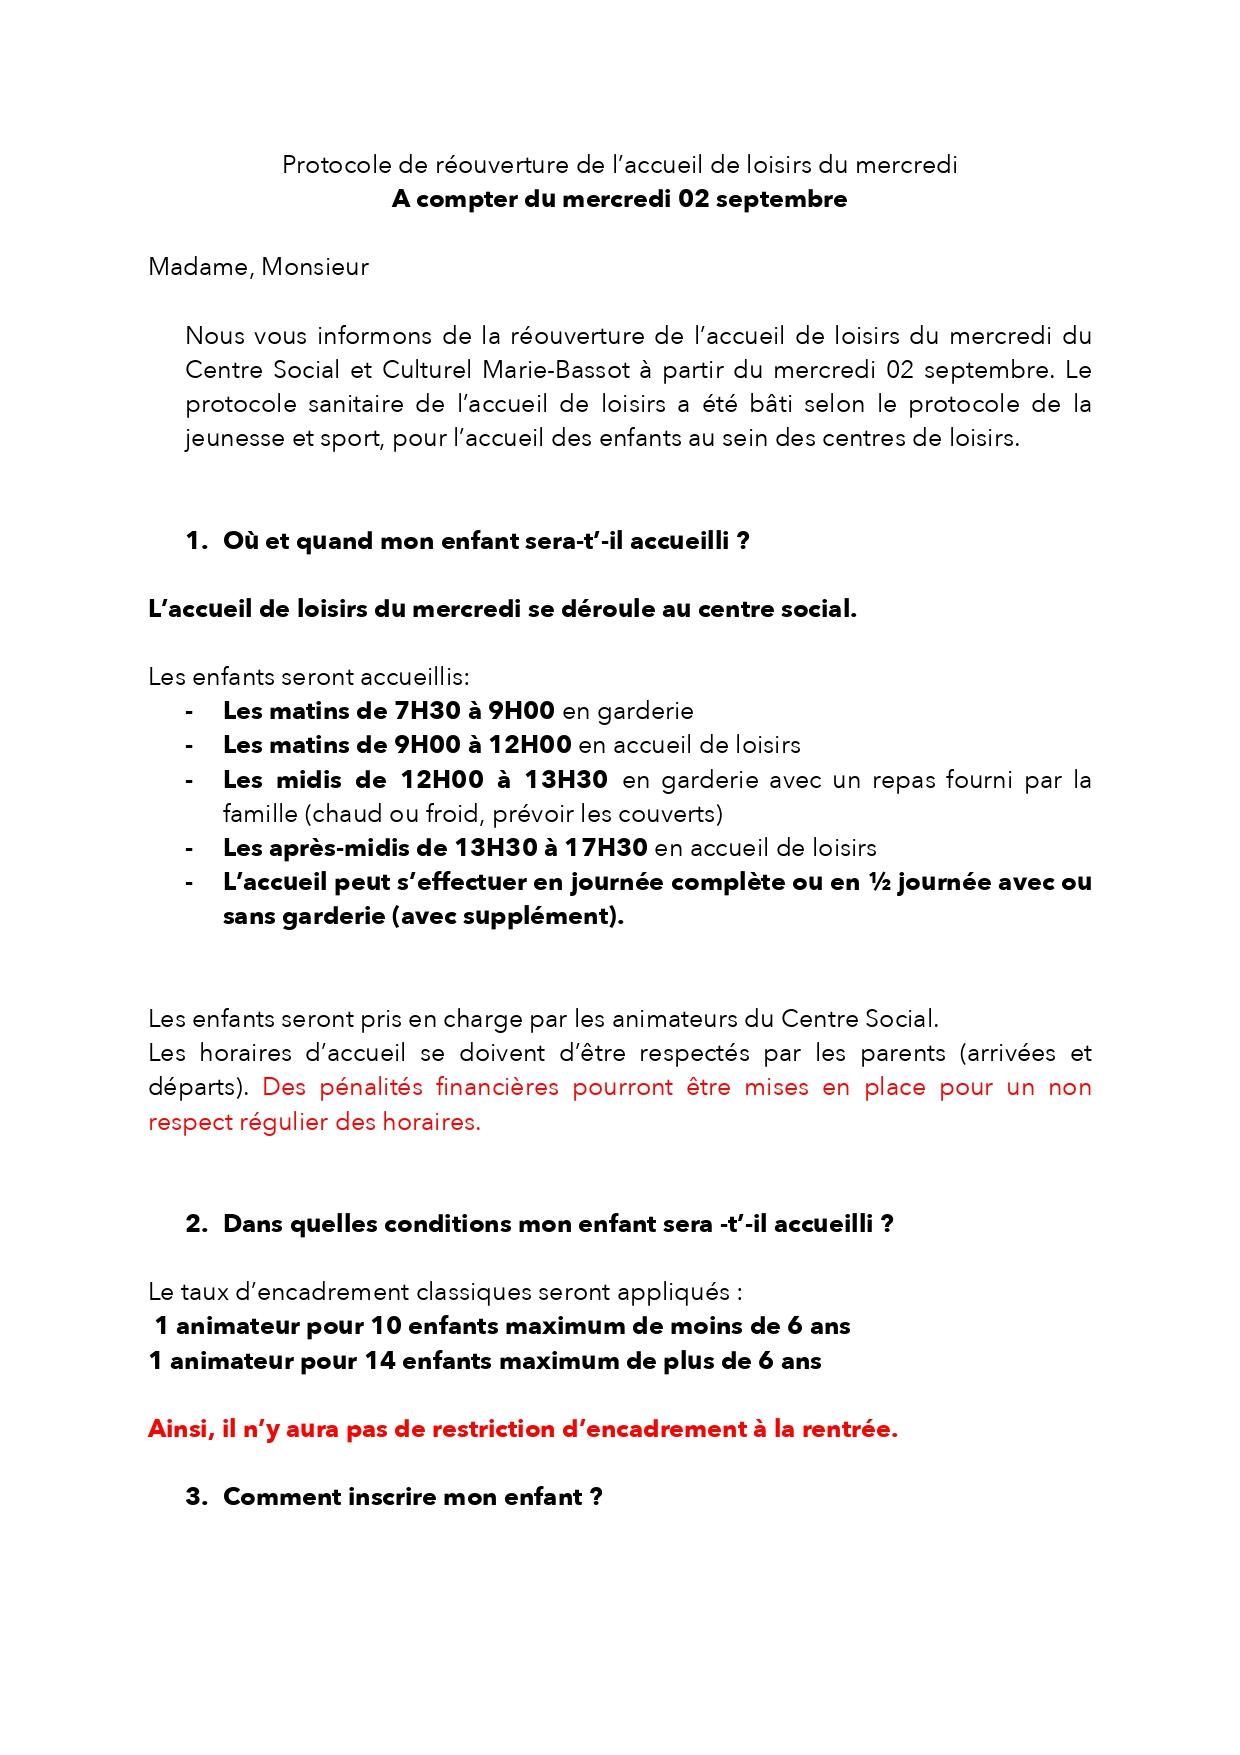 Protocole de réouverture de l'accueil du mercredi_page-0001